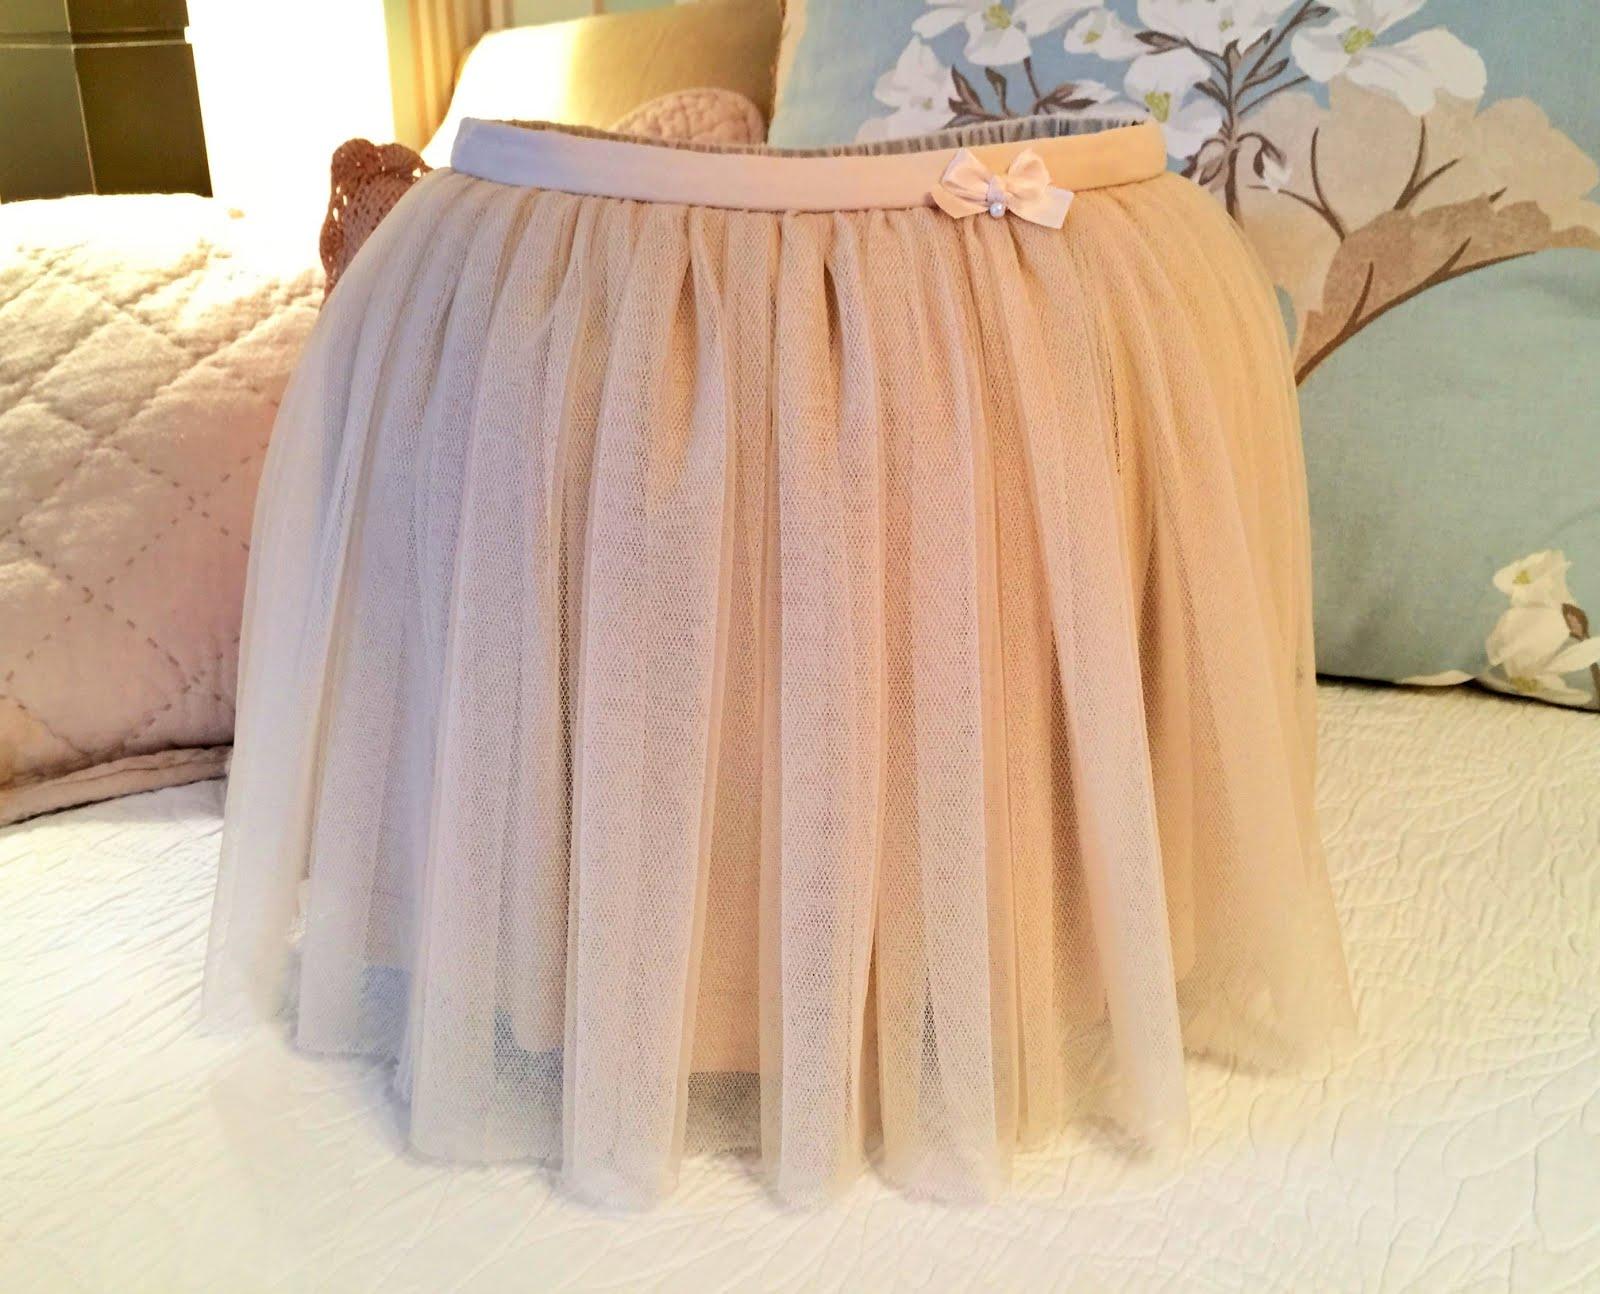 Falda de tul beige